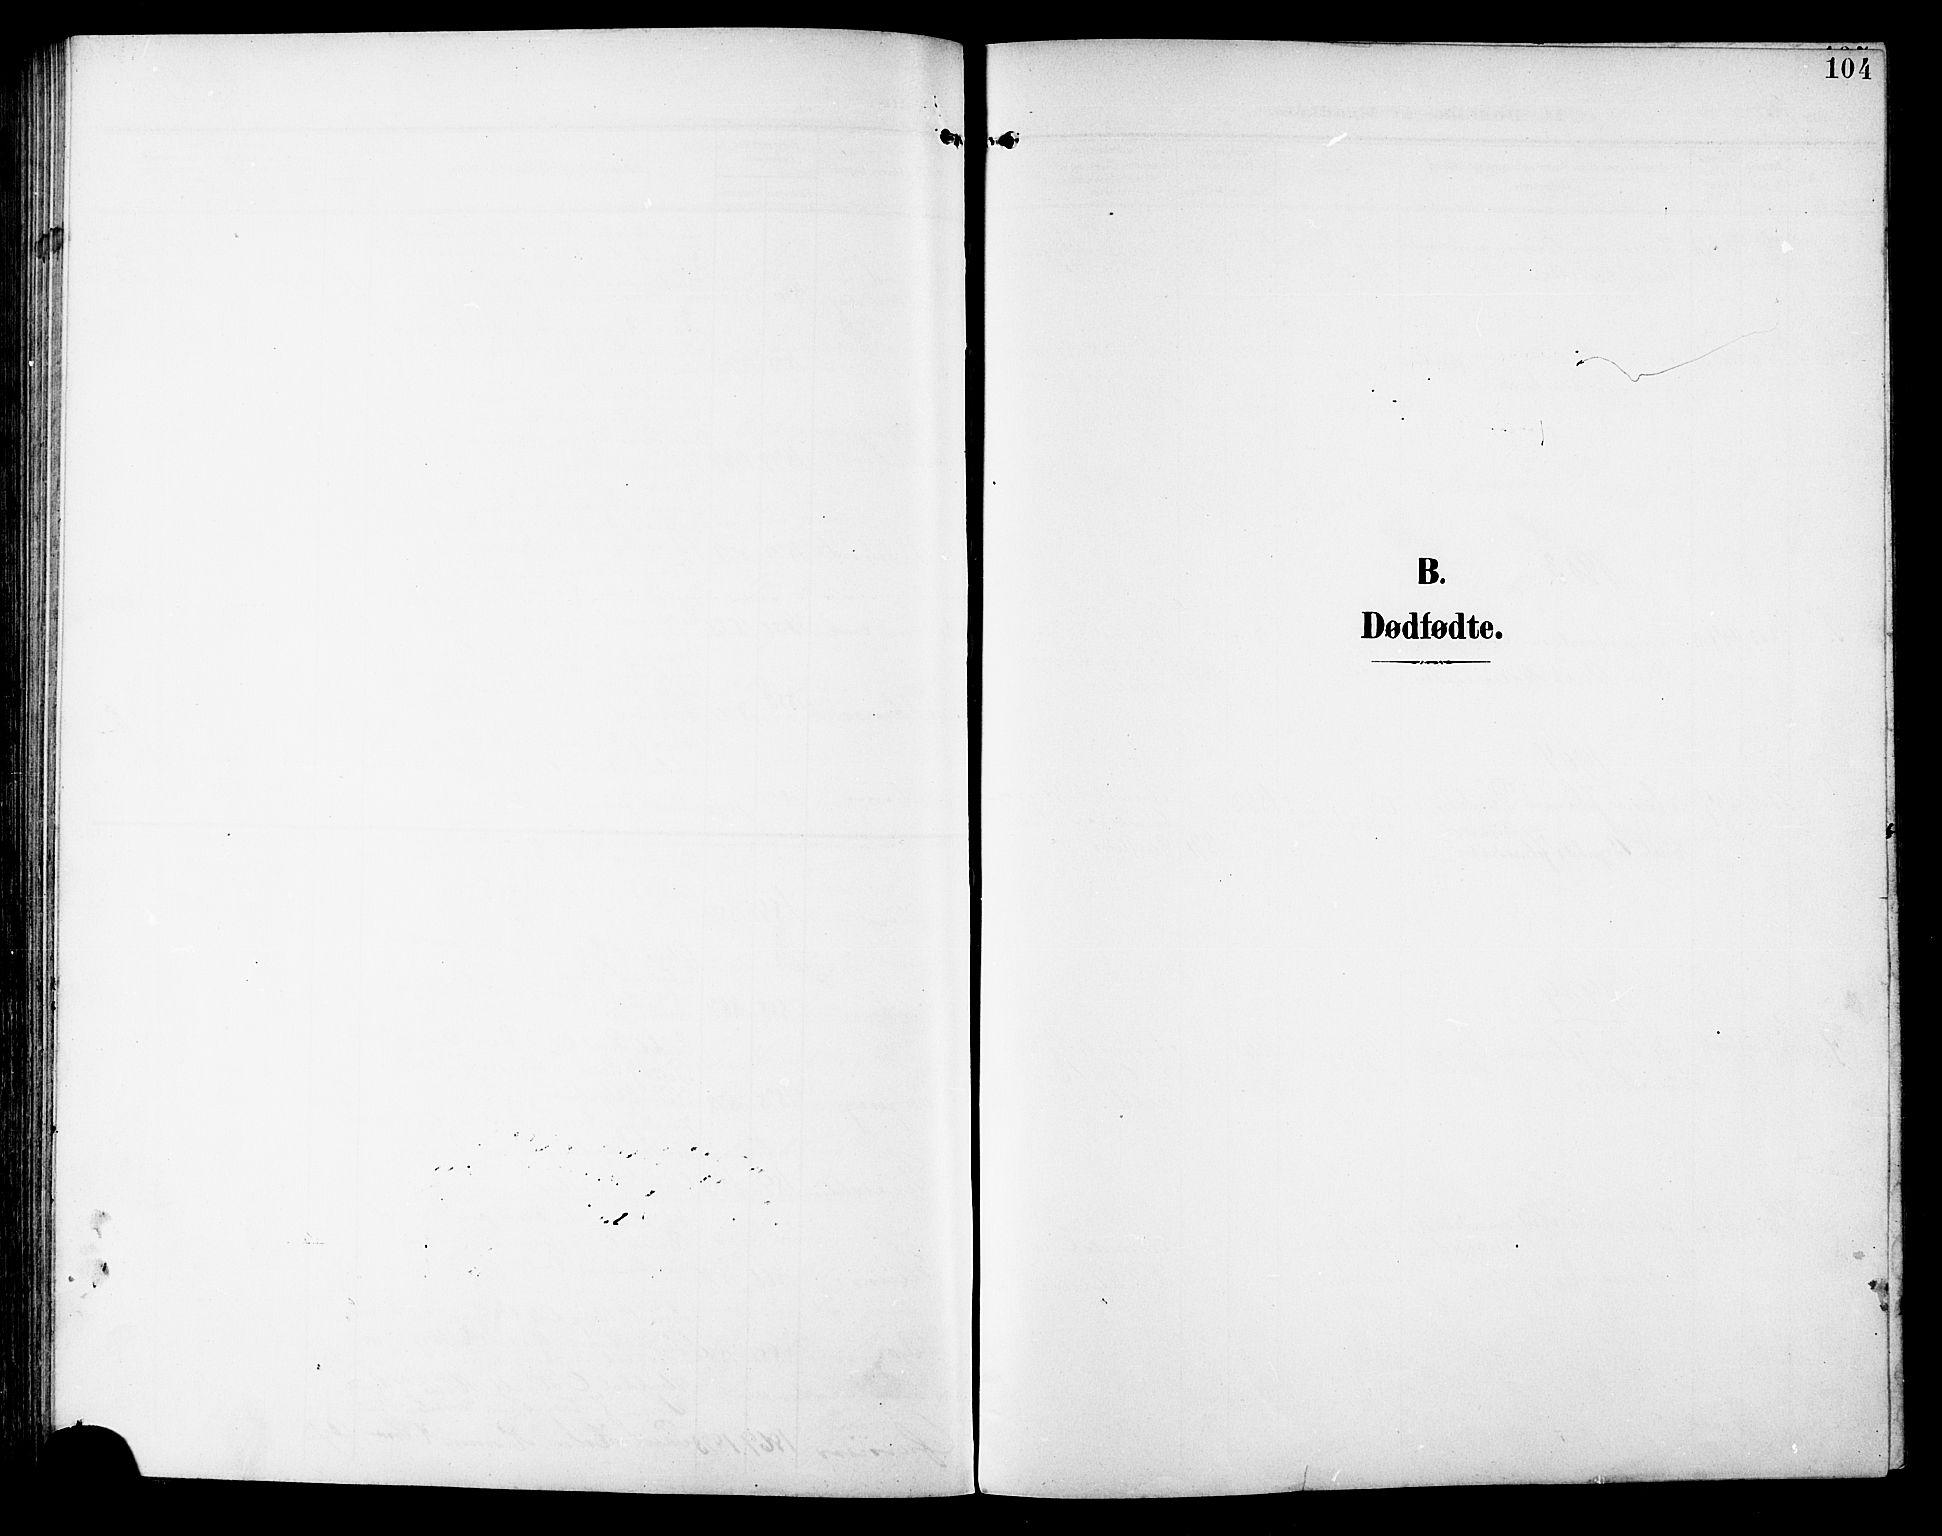 SAT, Ministerialprotokoller, klokkerbøker og fødselsregistre - Sør-Trøndelag, 672/L0864: Klokkerbok nr. 672C03, 1902-1914, s. 104